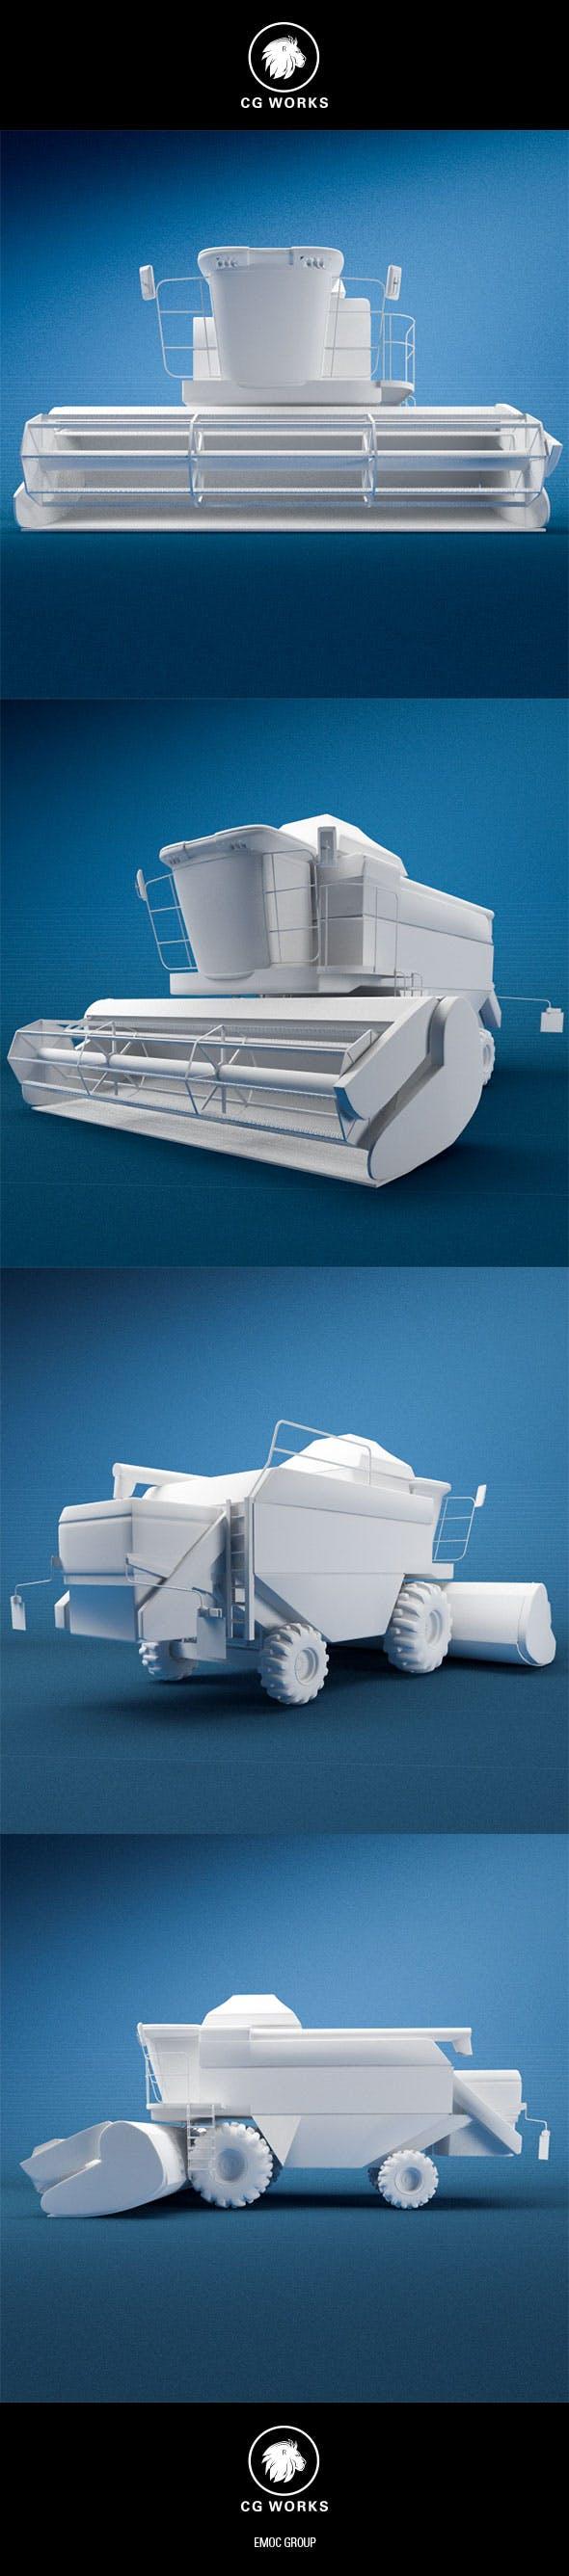 Construction machinery C4D & OBJ XXVIII - 3DOcean Item for Sale